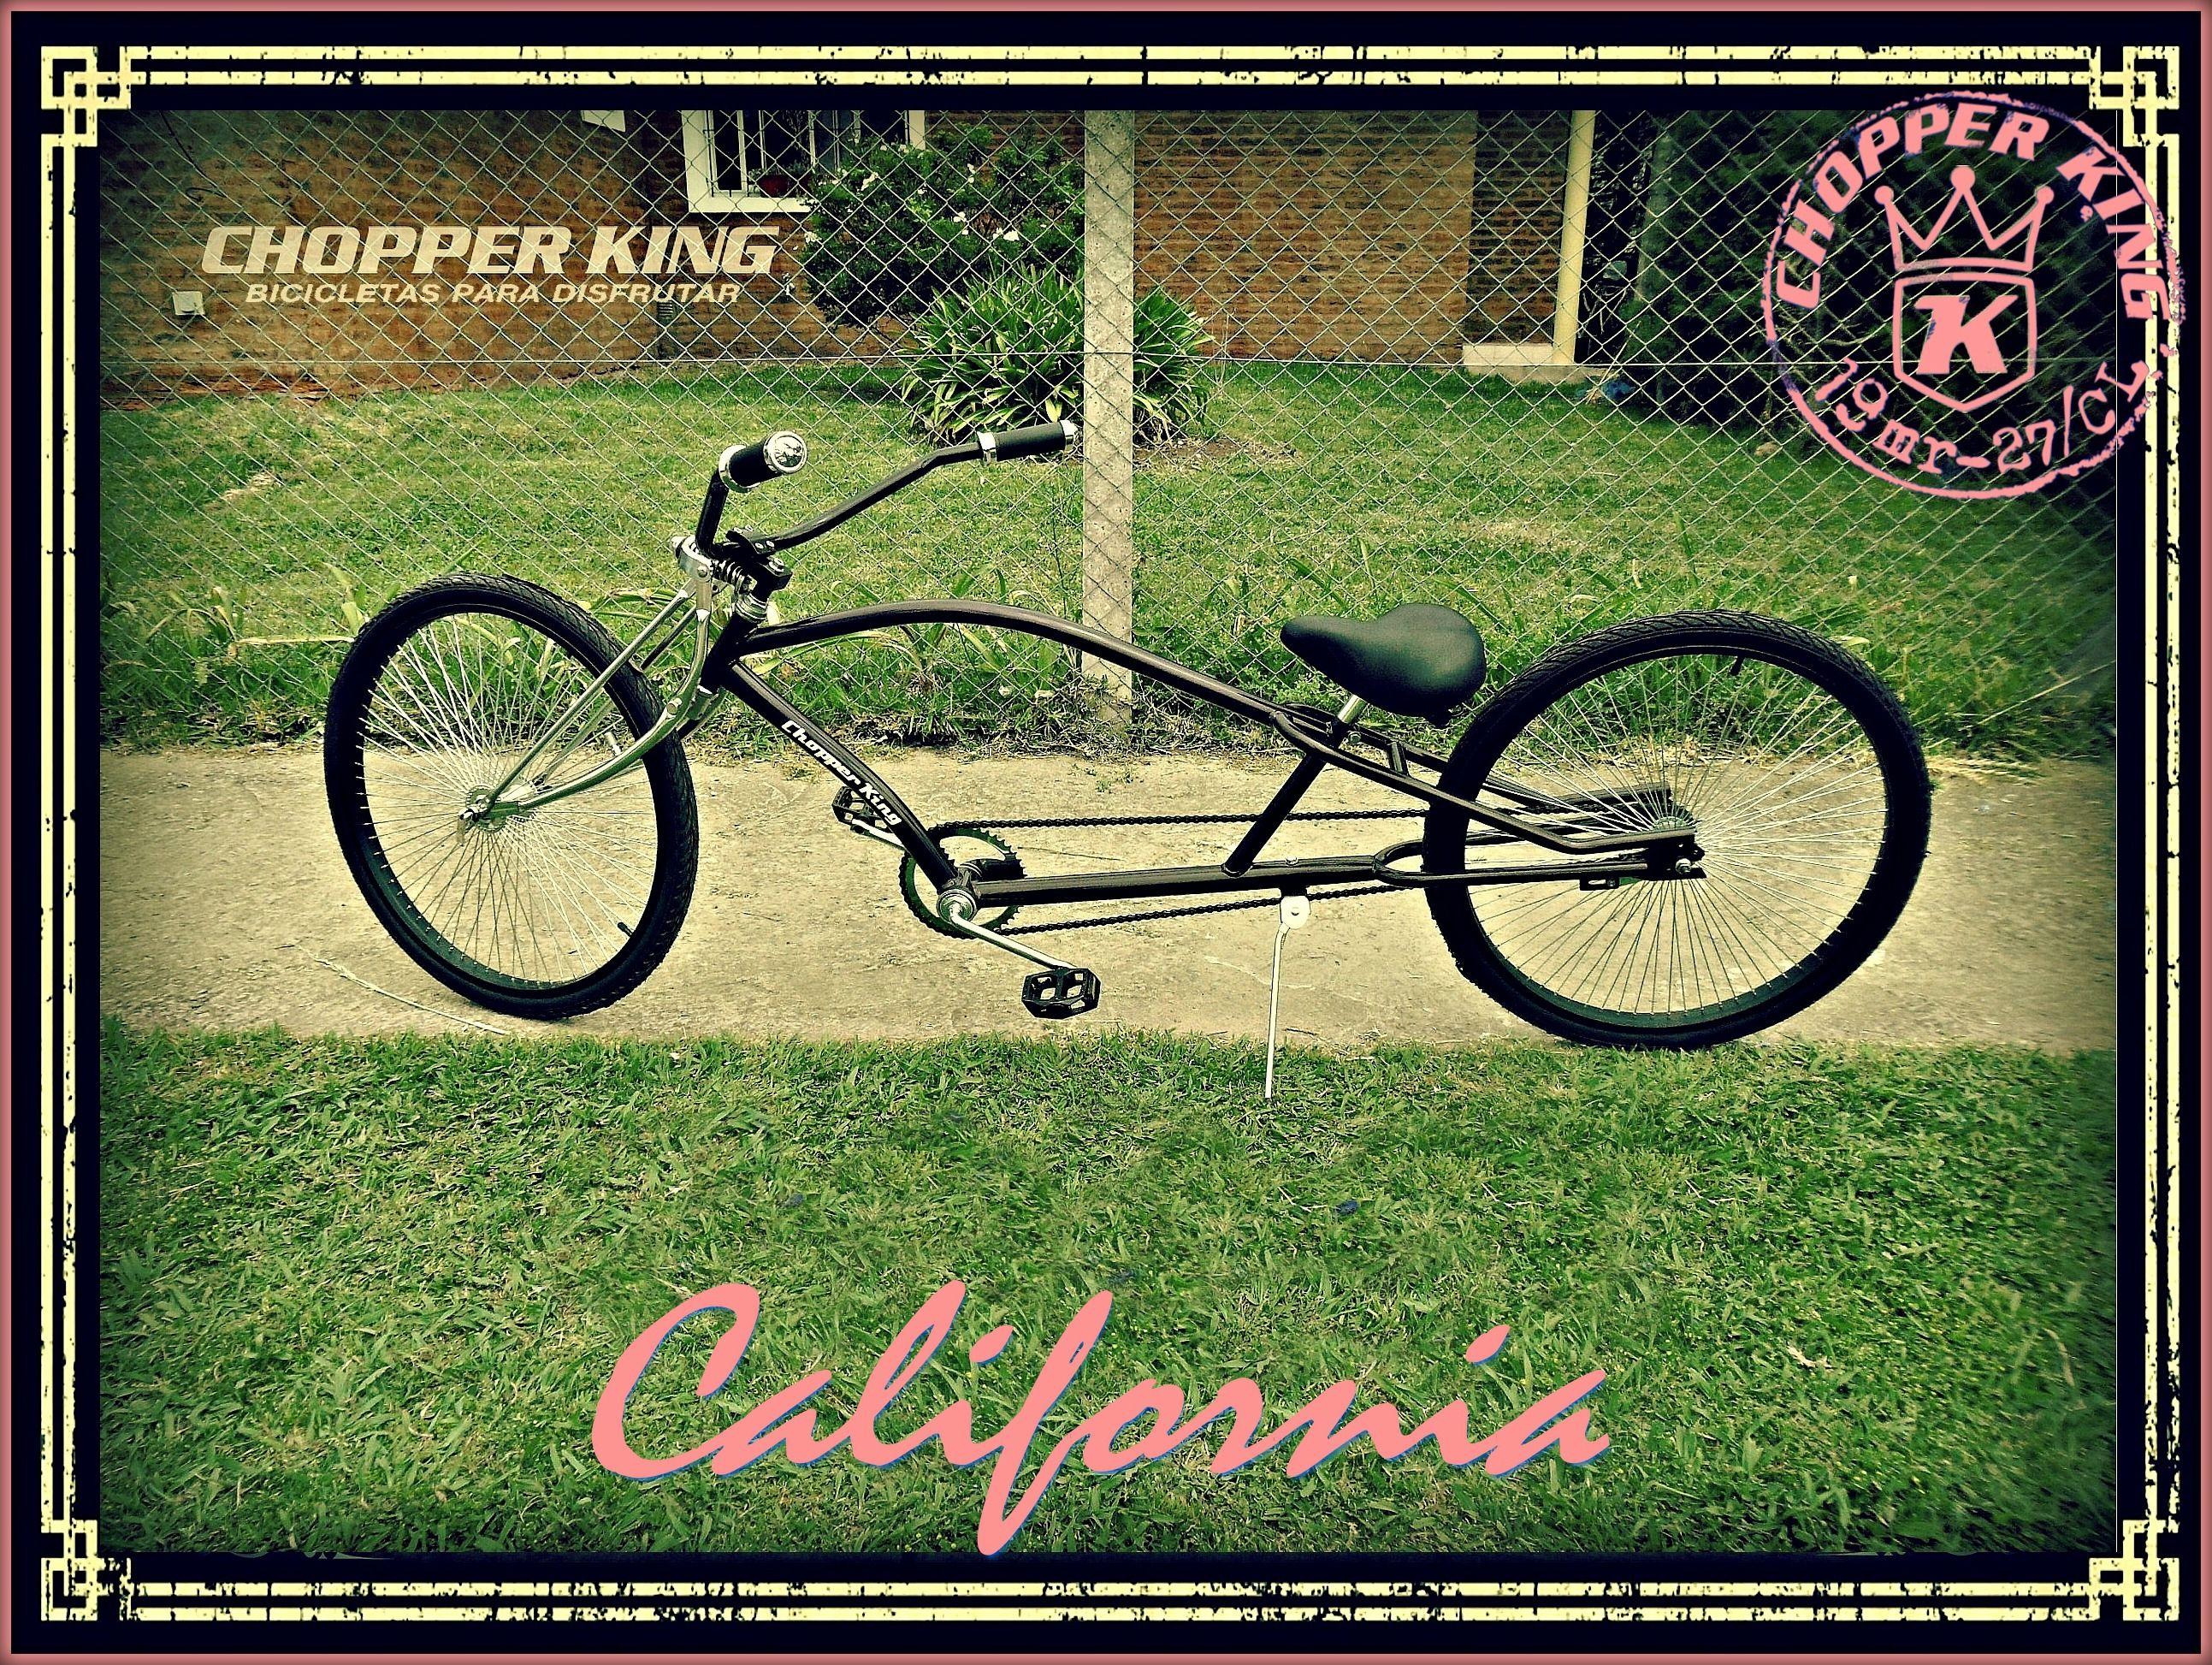 Chopper King California La Versión Low Rider De Chopper King Para Los Que Aman Ir Mas Cerca Del Suelo Nuevamente La Relación Entr Low Rider Chopper Piñones